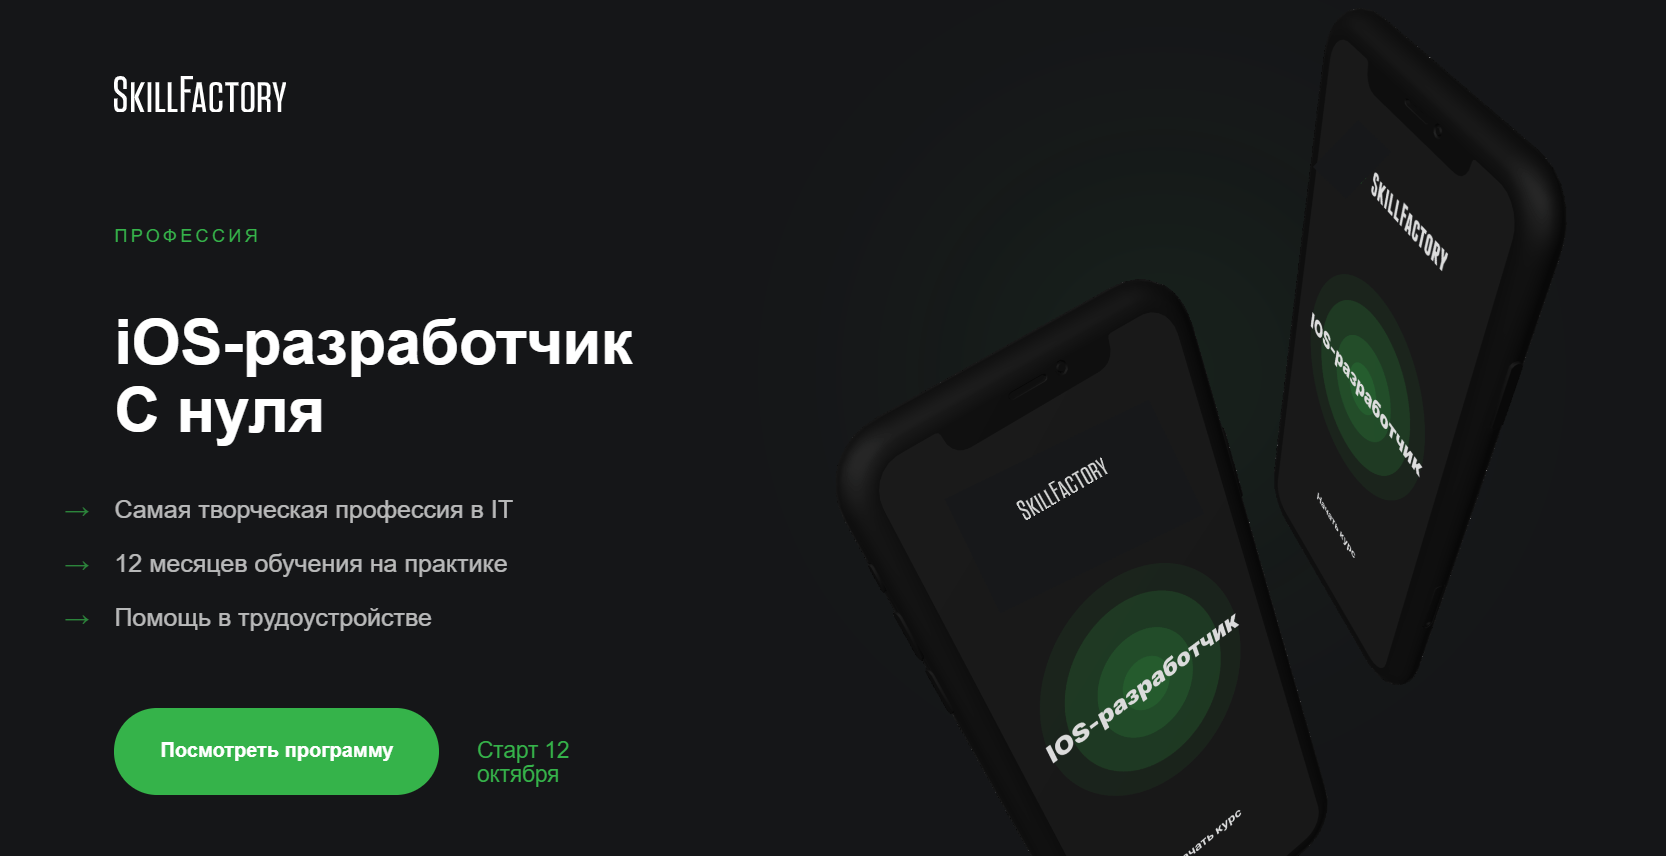 iOS-разработчик с нуля SkillFactory